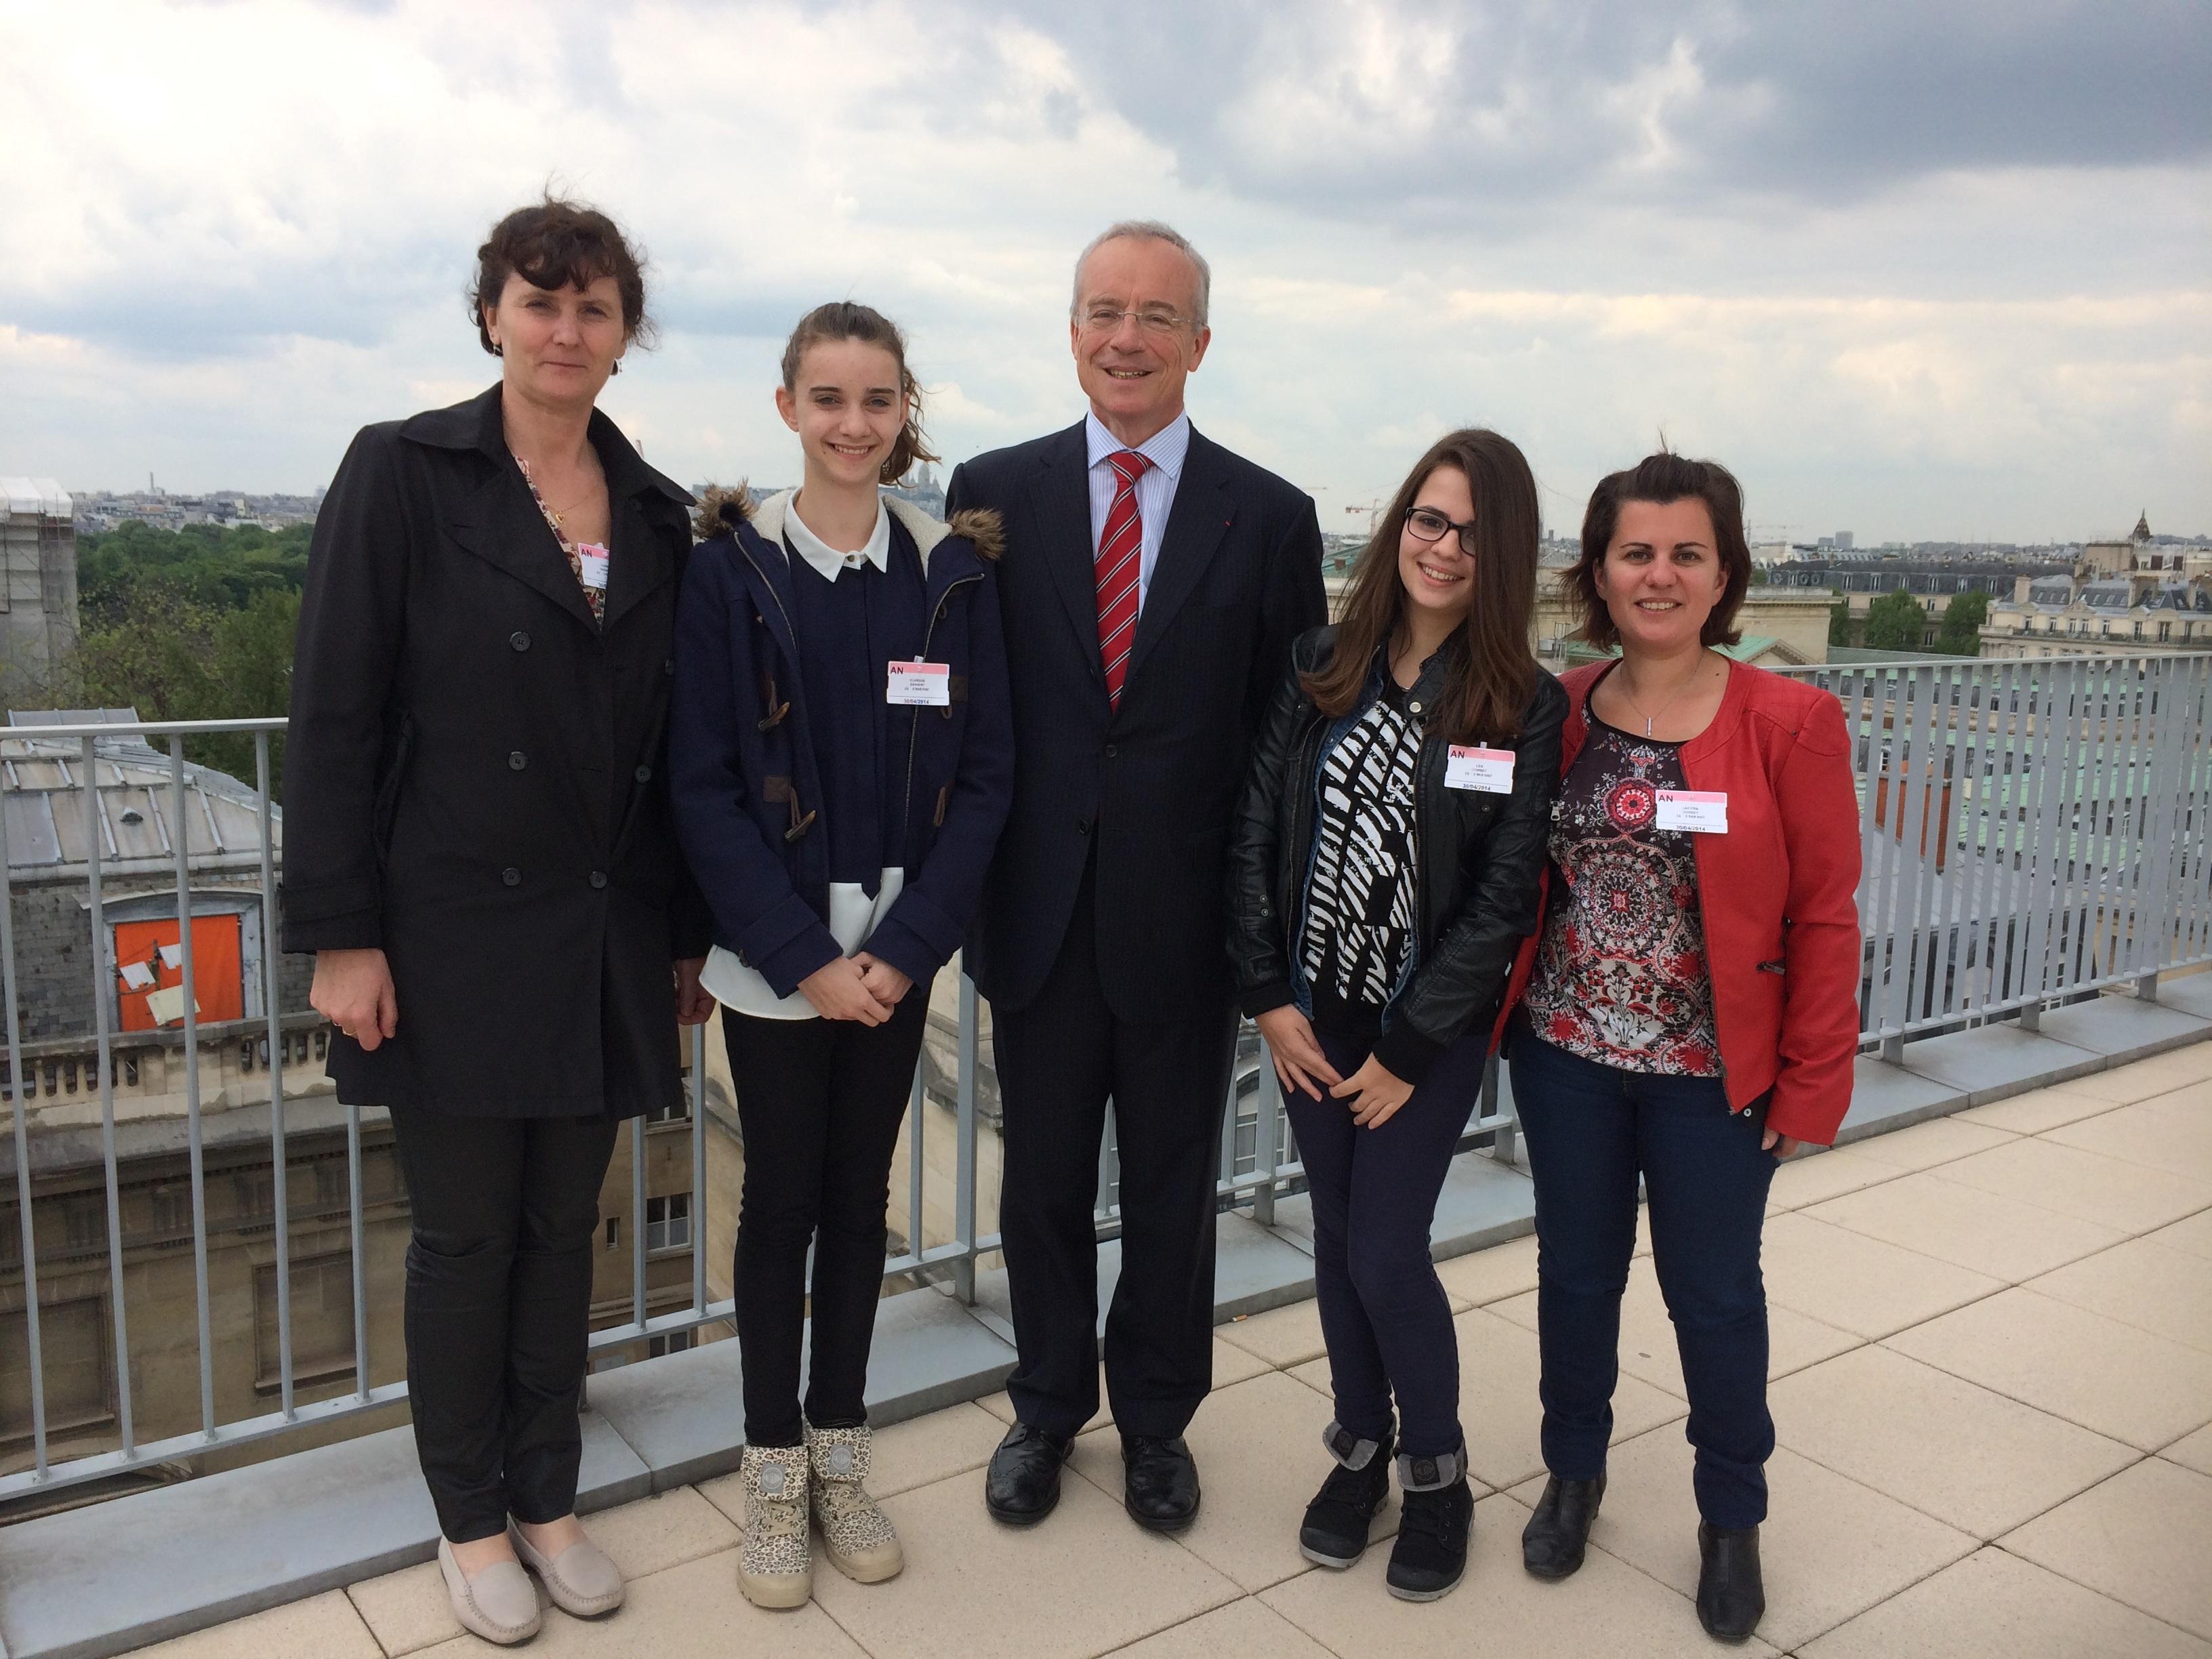 les conseillers généraux jeunes du canton de Lagnieu visitent l'Assemblée nationale